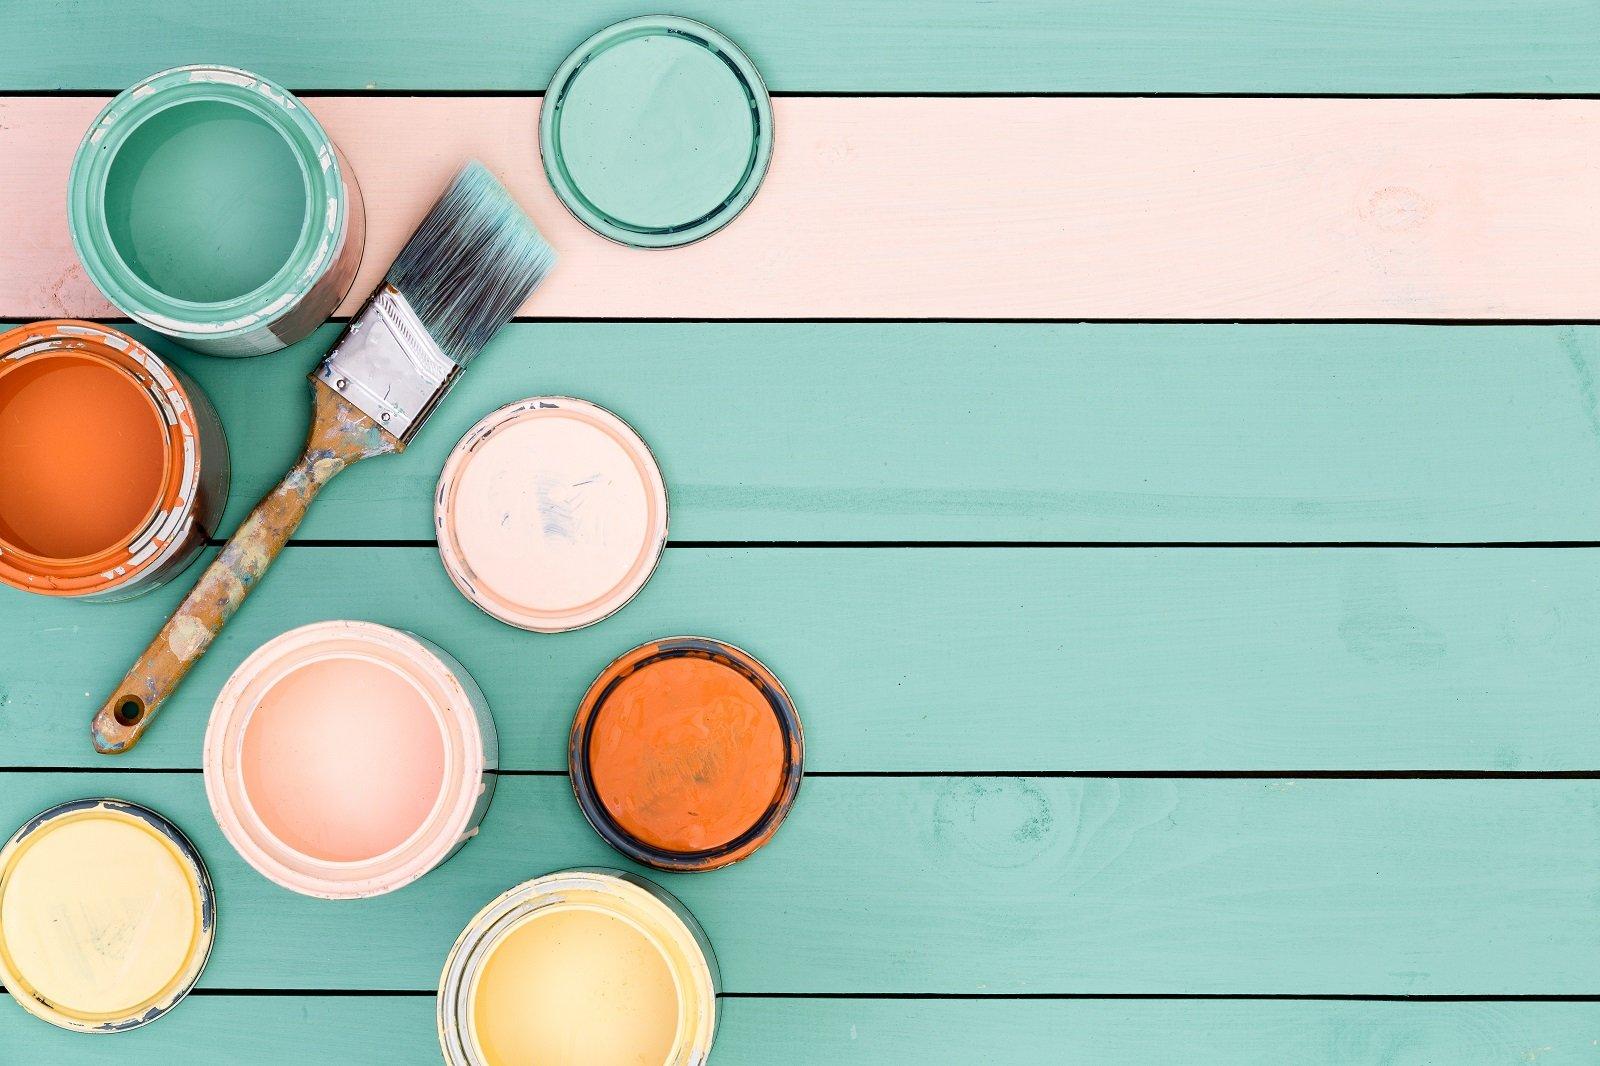 barattoli di vernice con pennello su un tavolo in legno azzurro